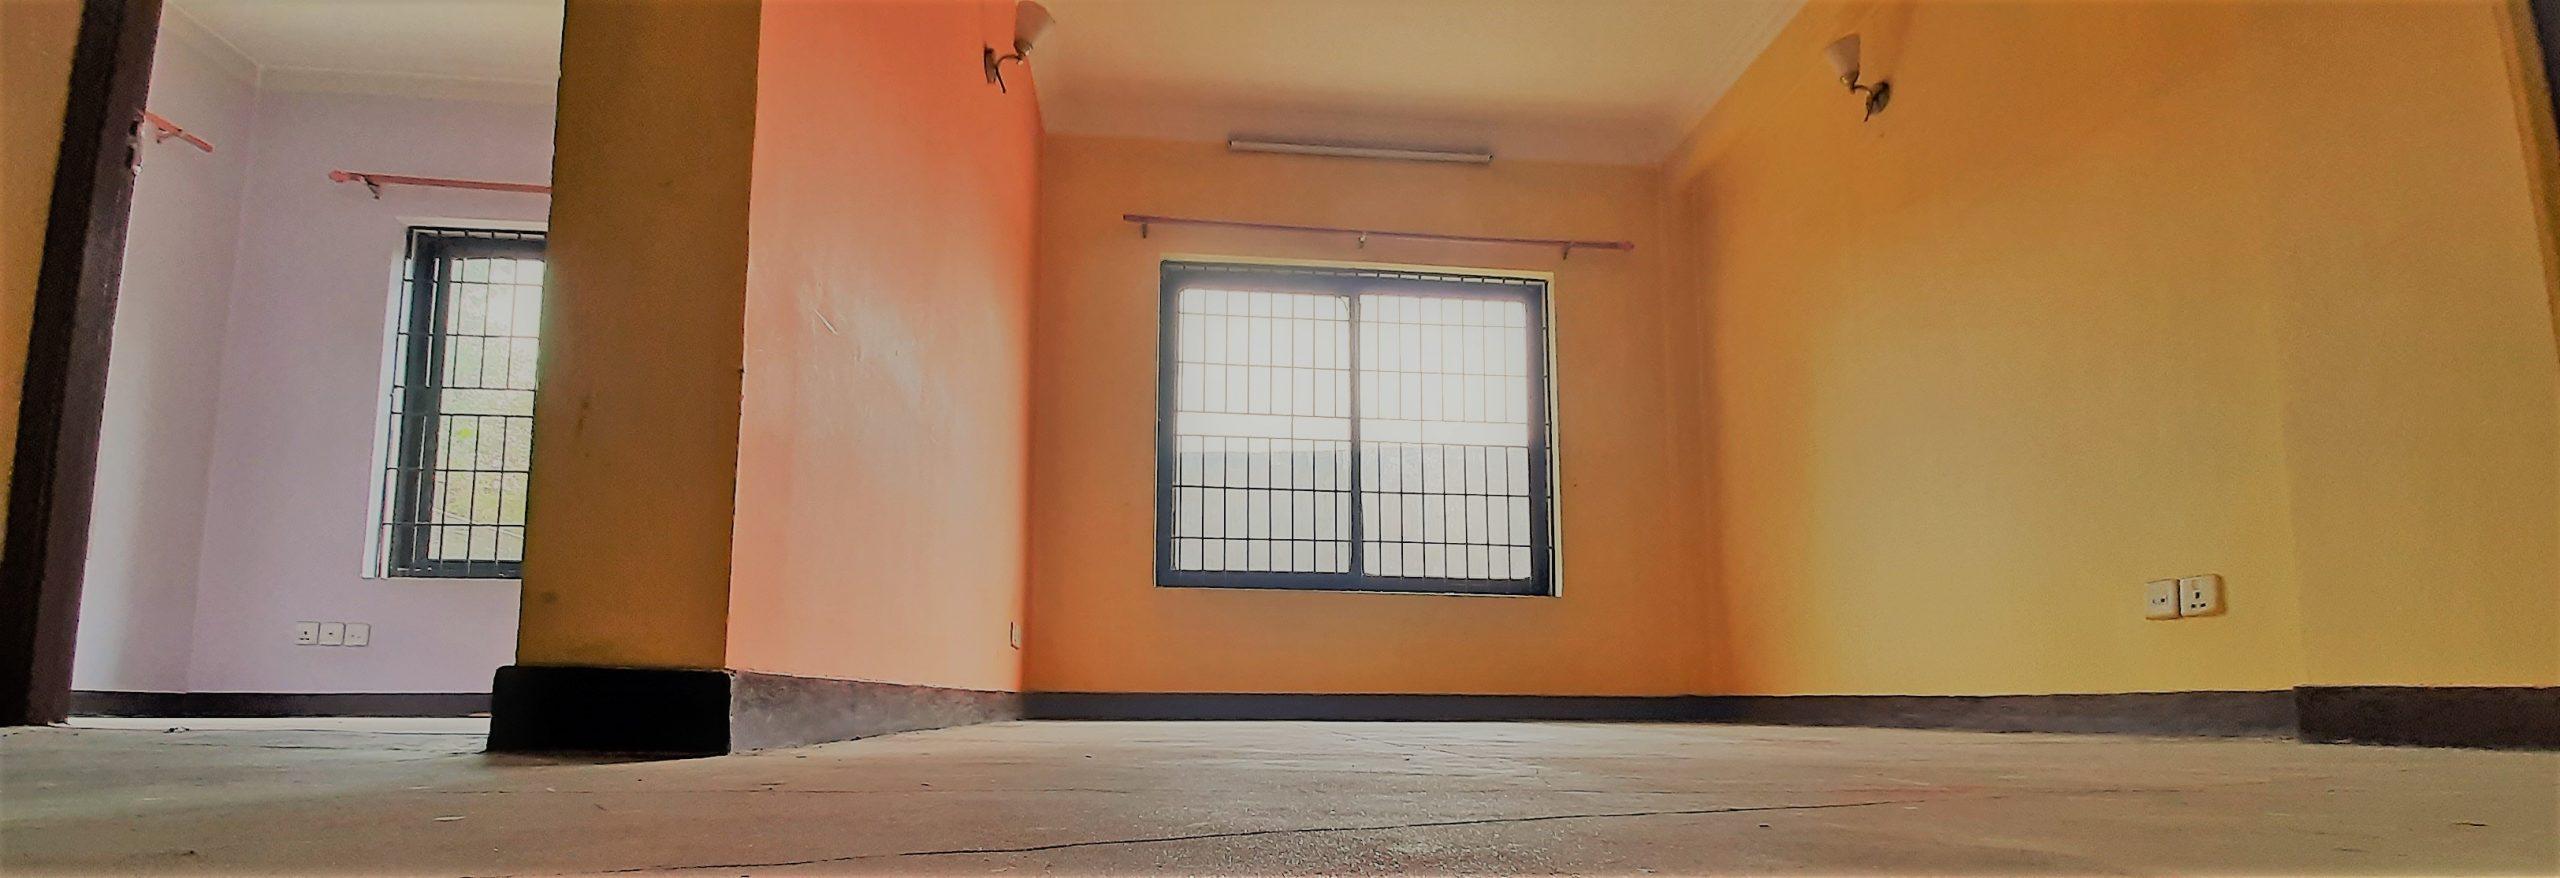 Lovely 2 Bedroom Flat For SALE-Sanepa